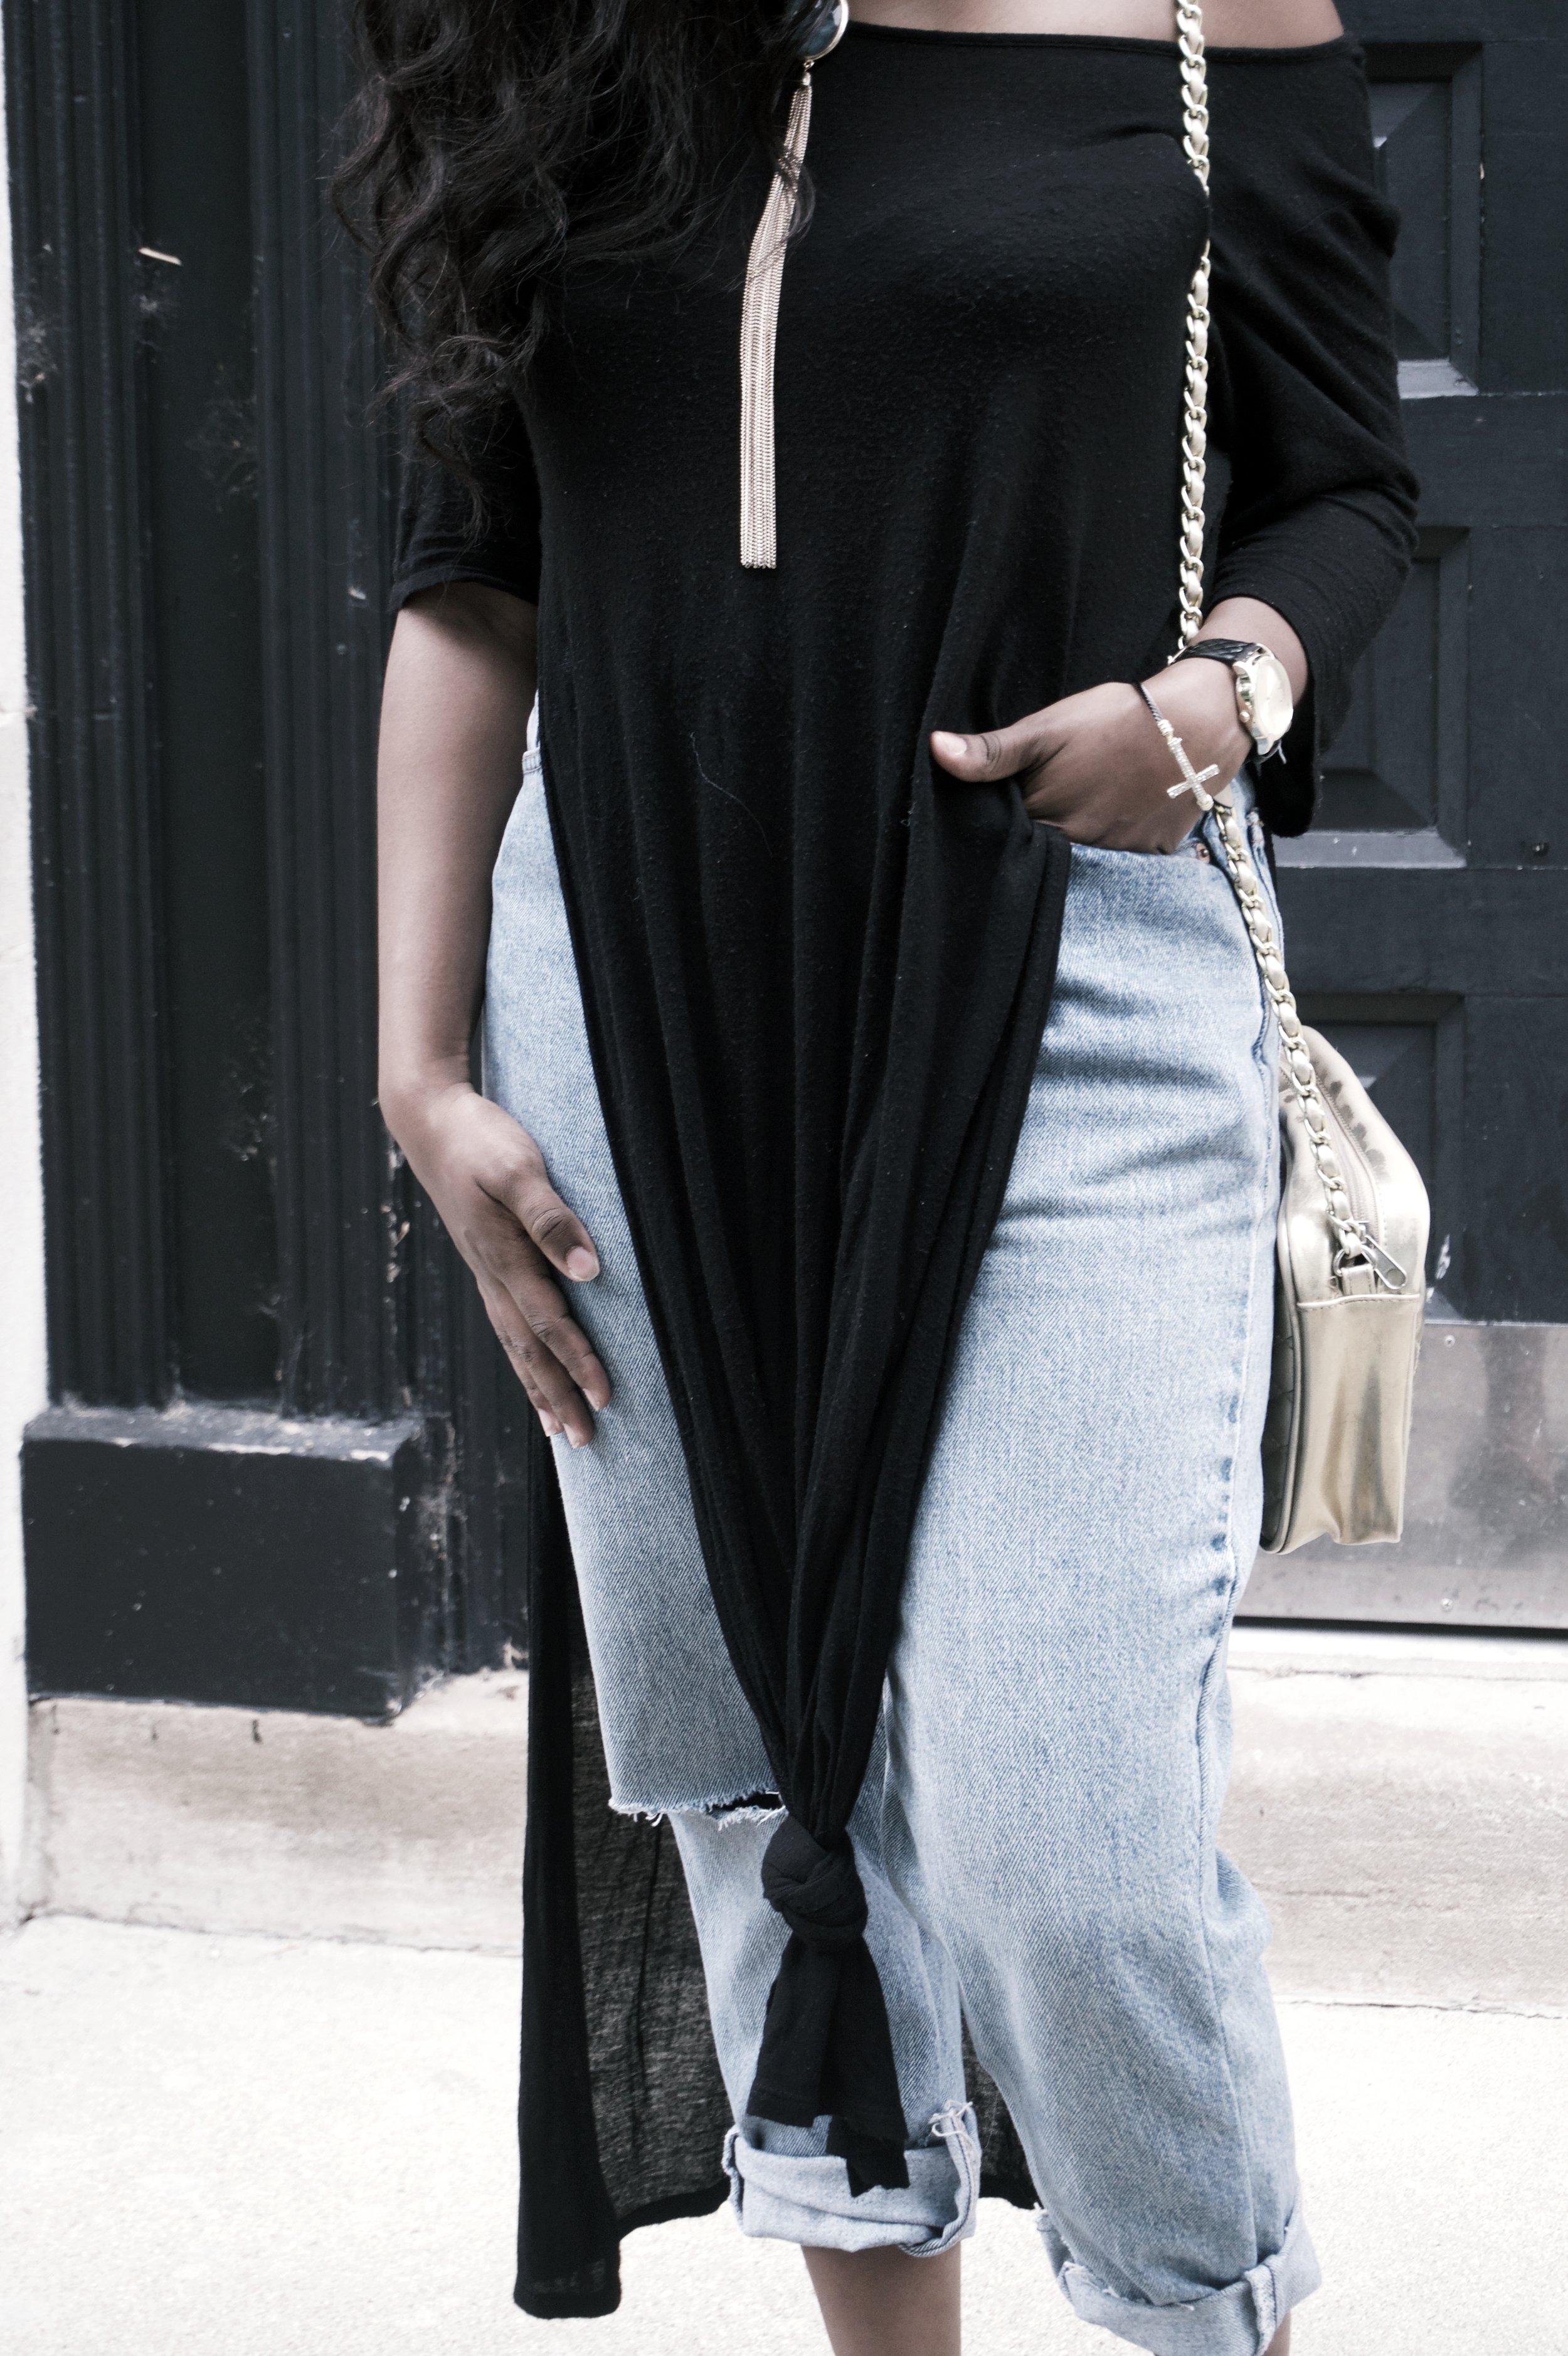 2017 Fall Fashion